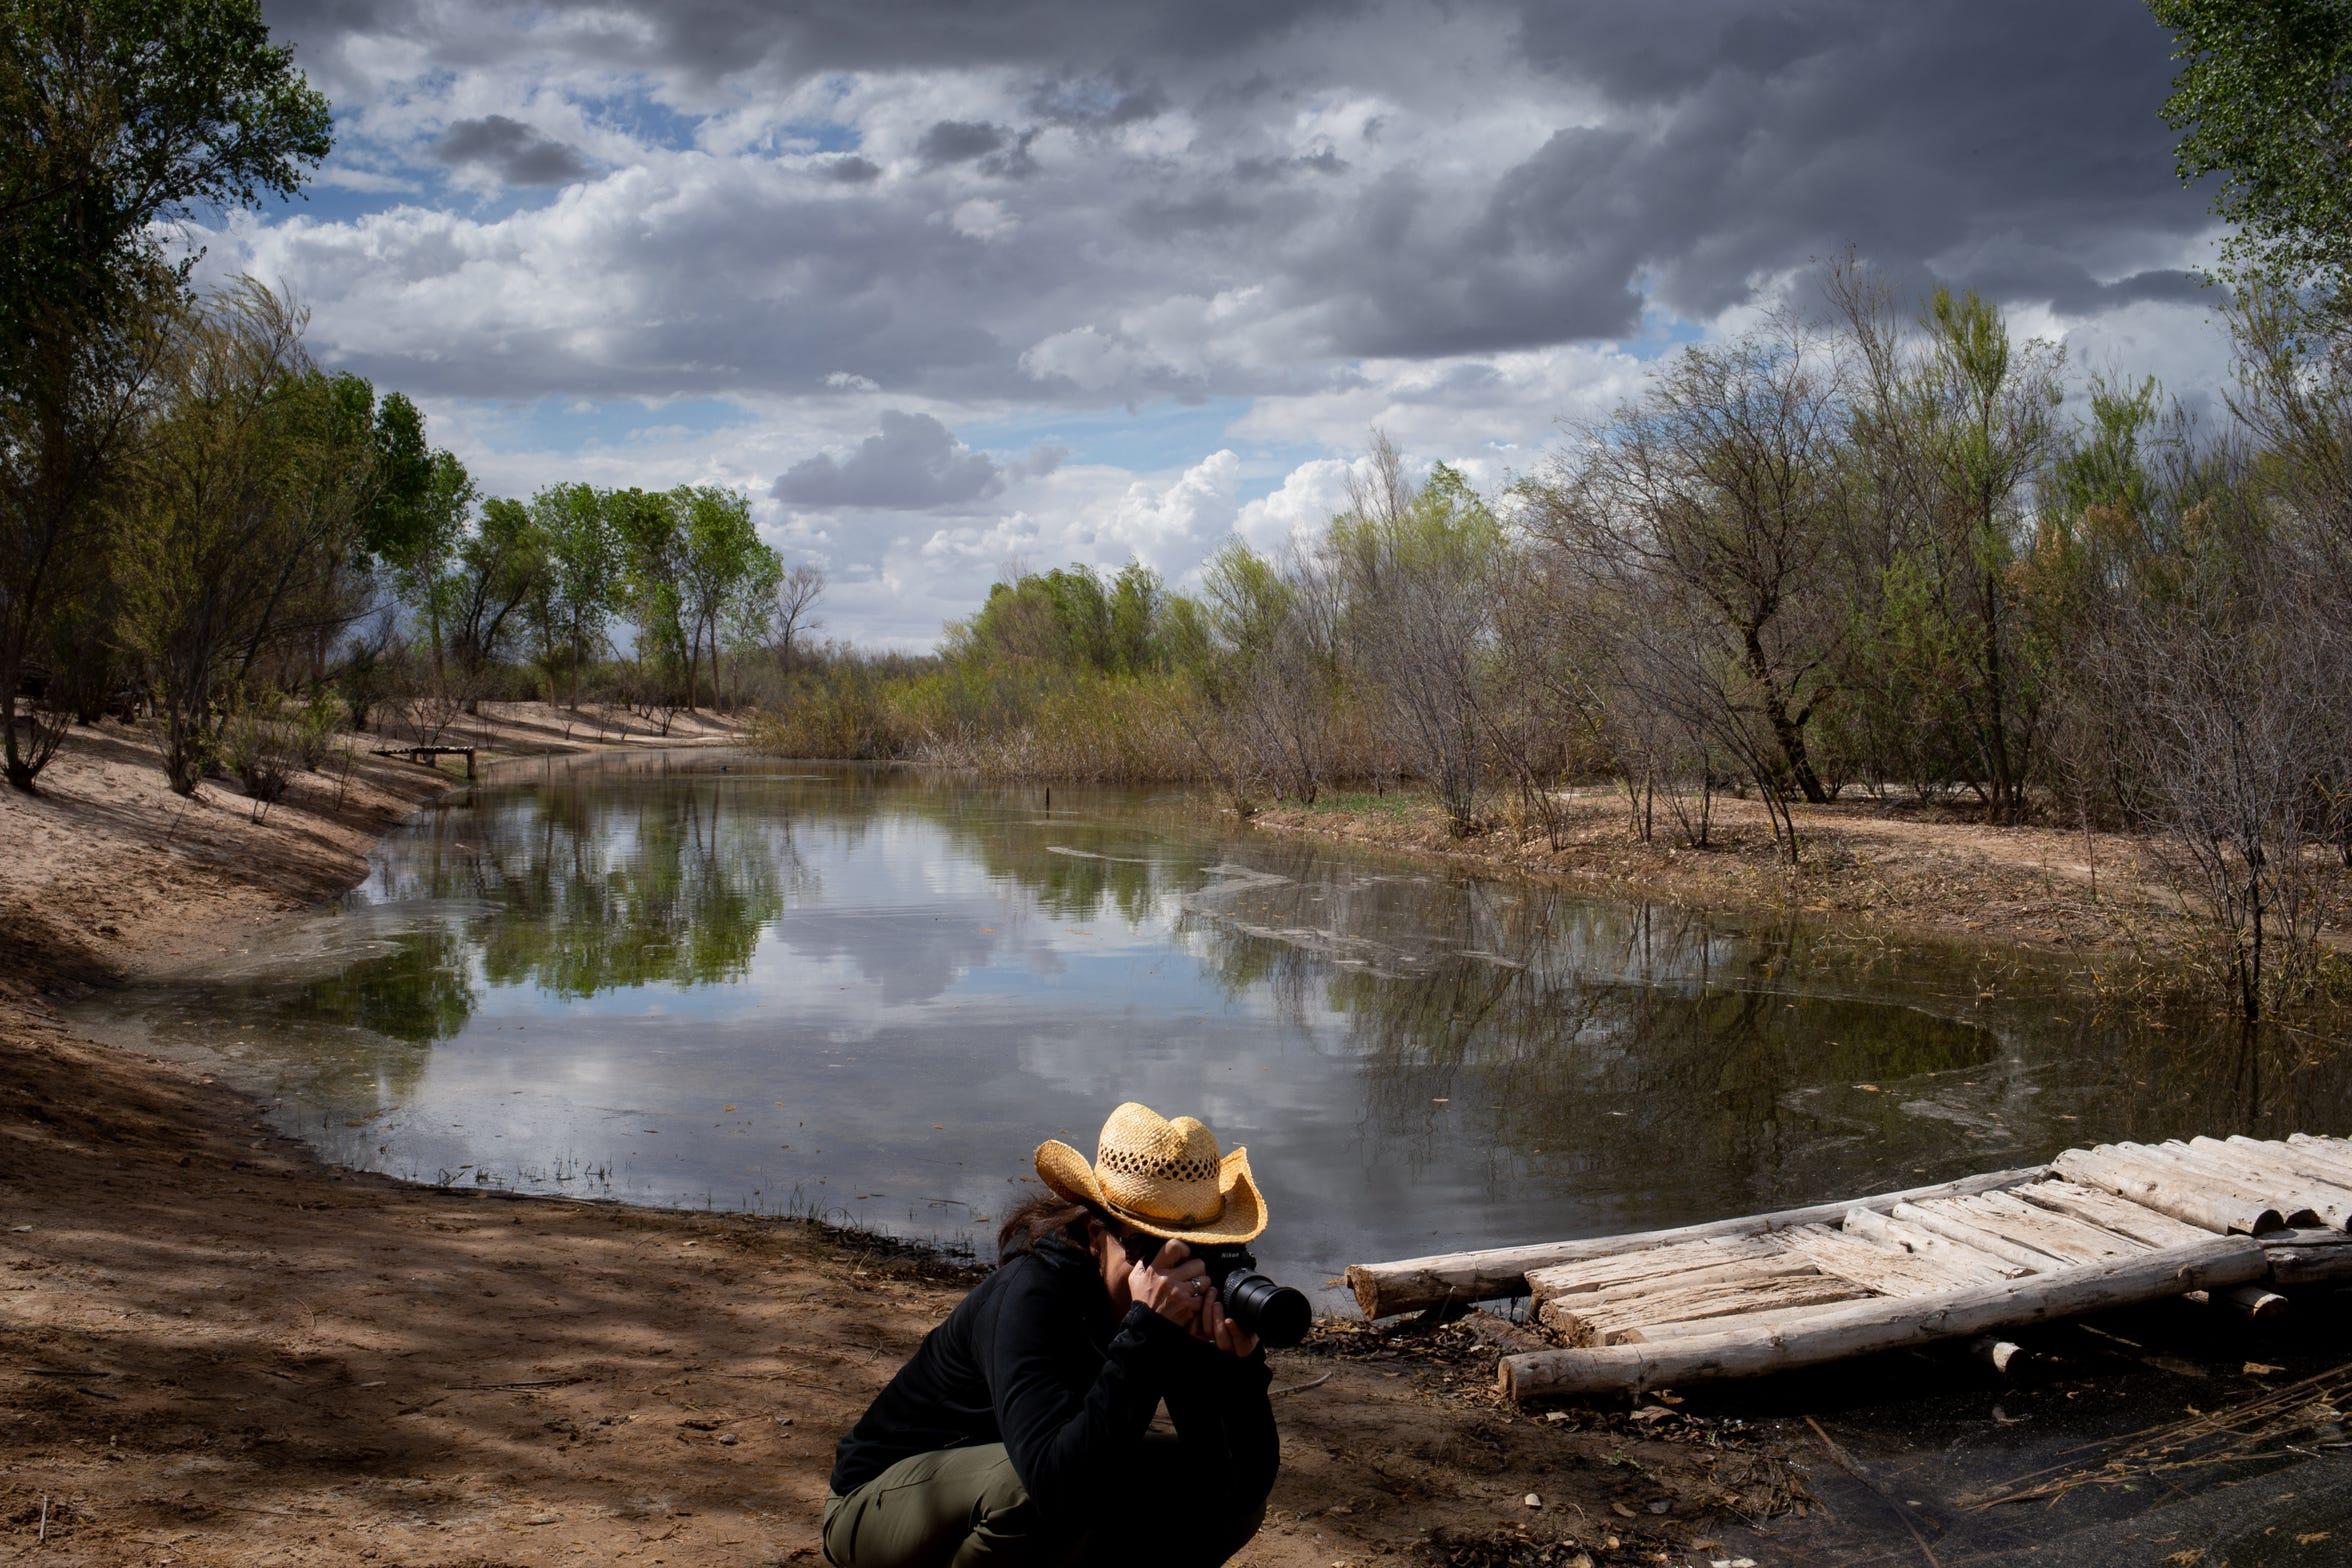 Jennifer Pitt, directora del programa del Río Colorado de la Sociedad Nacional Audubon, toma fotos en el área de restauración de Laguna Grande el 2 de marzo de 2020, en Baja California, México.